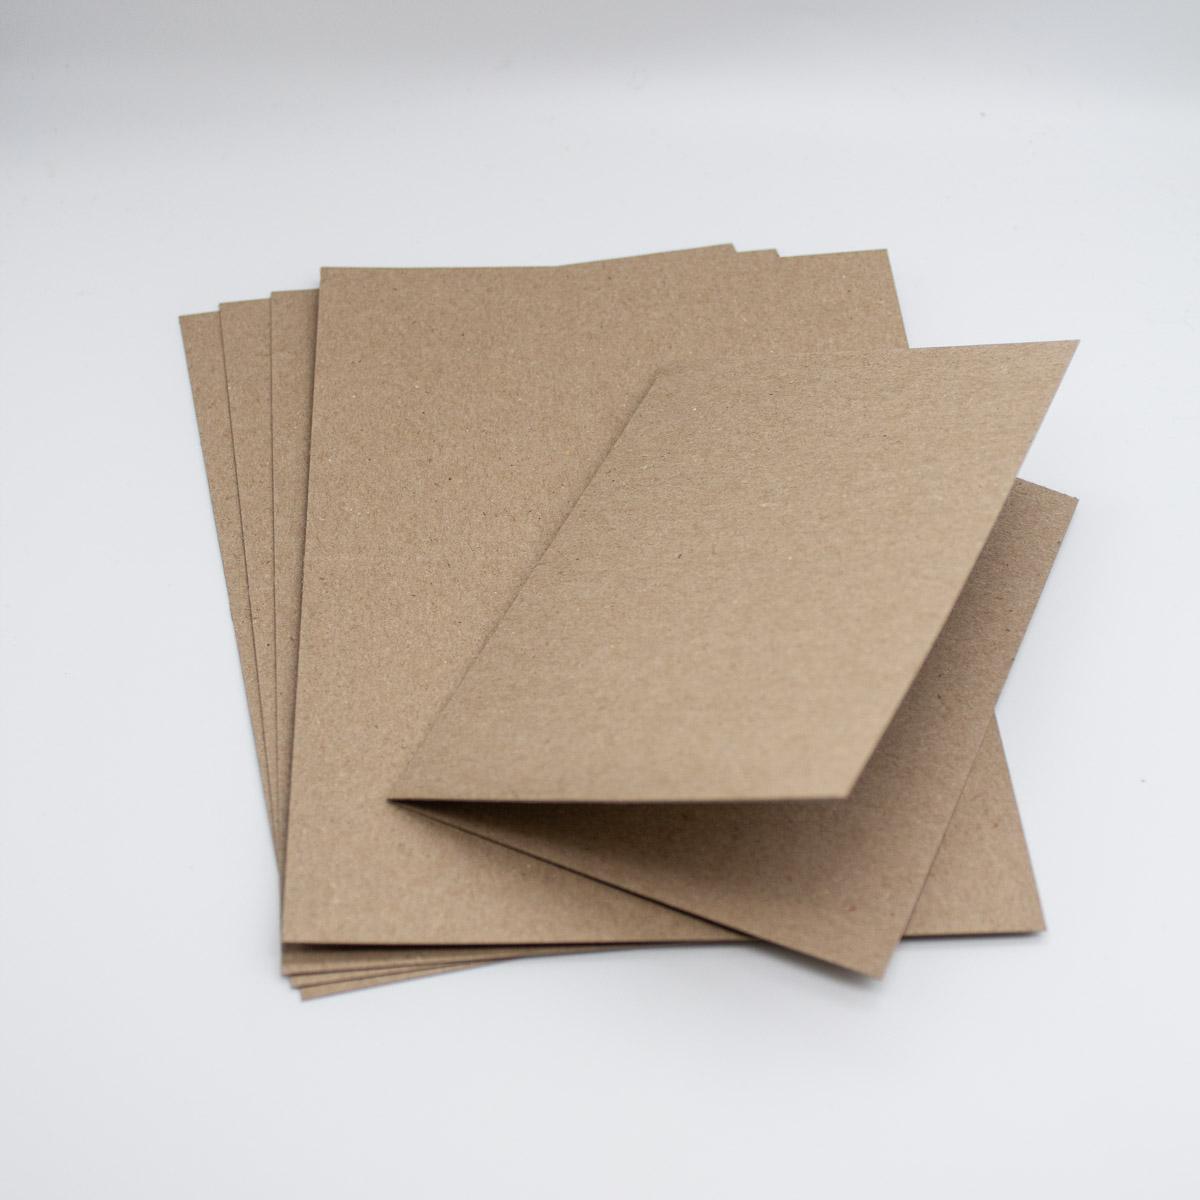 Karten Kraft 5 Stück - A6 Klappkarten-Unsere-kleine-Bastelstube